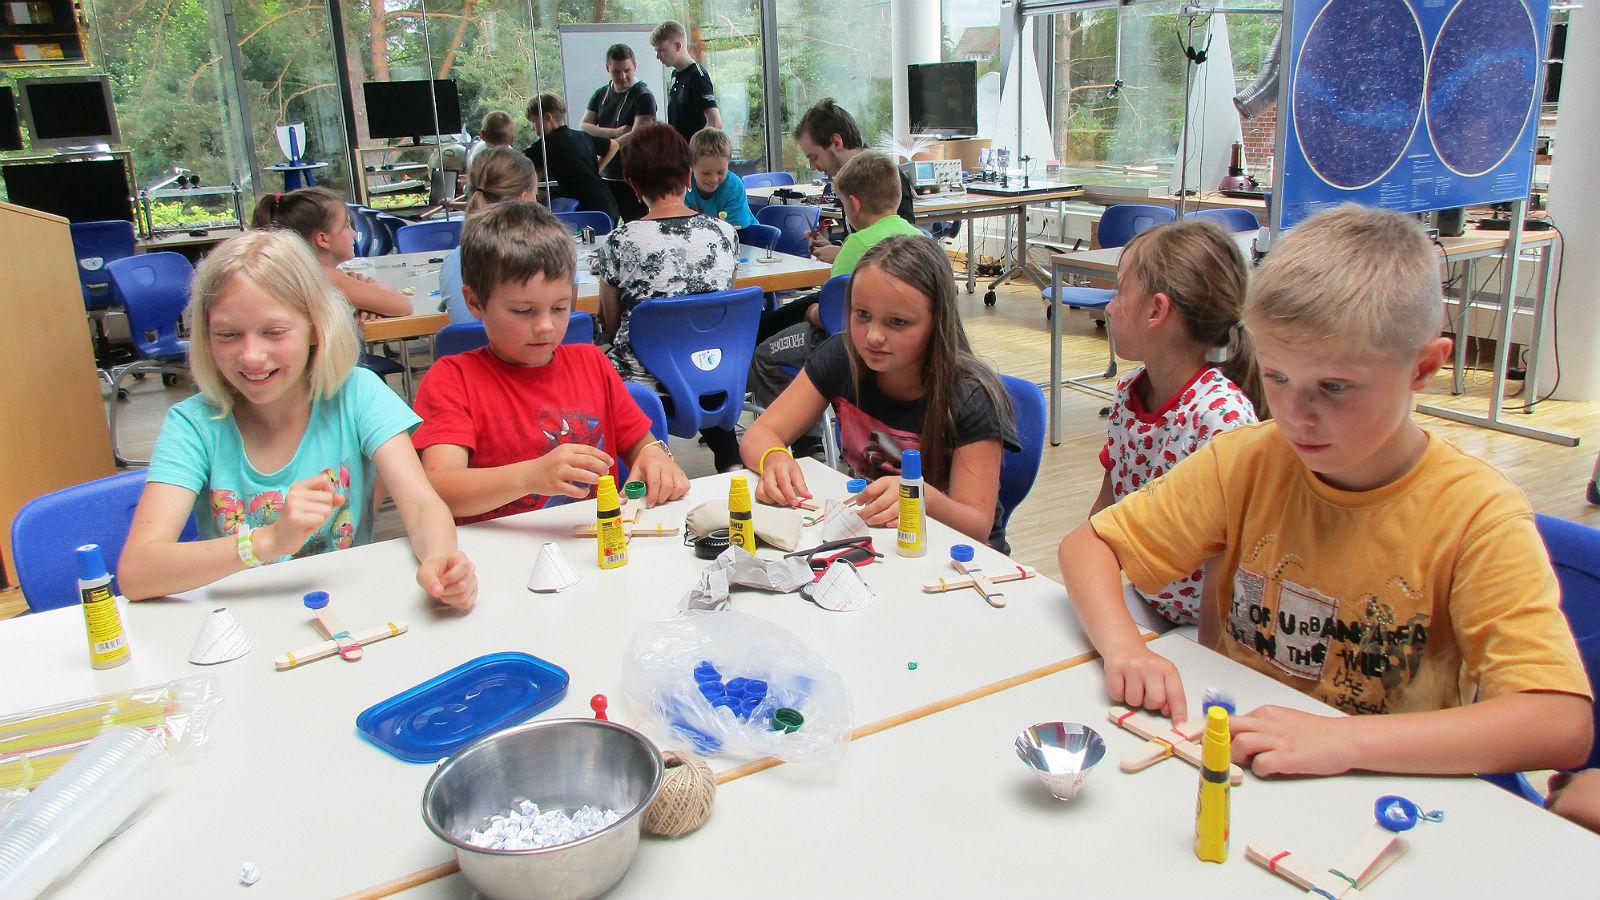 Das Angebot des DLR_School_Labs Neustrelitz richtet sich an Kinder und Jugendliche aller Altersstufen, von der Grundschule bis zur Oberstufe weiterführender Schulen. Bild: DLR